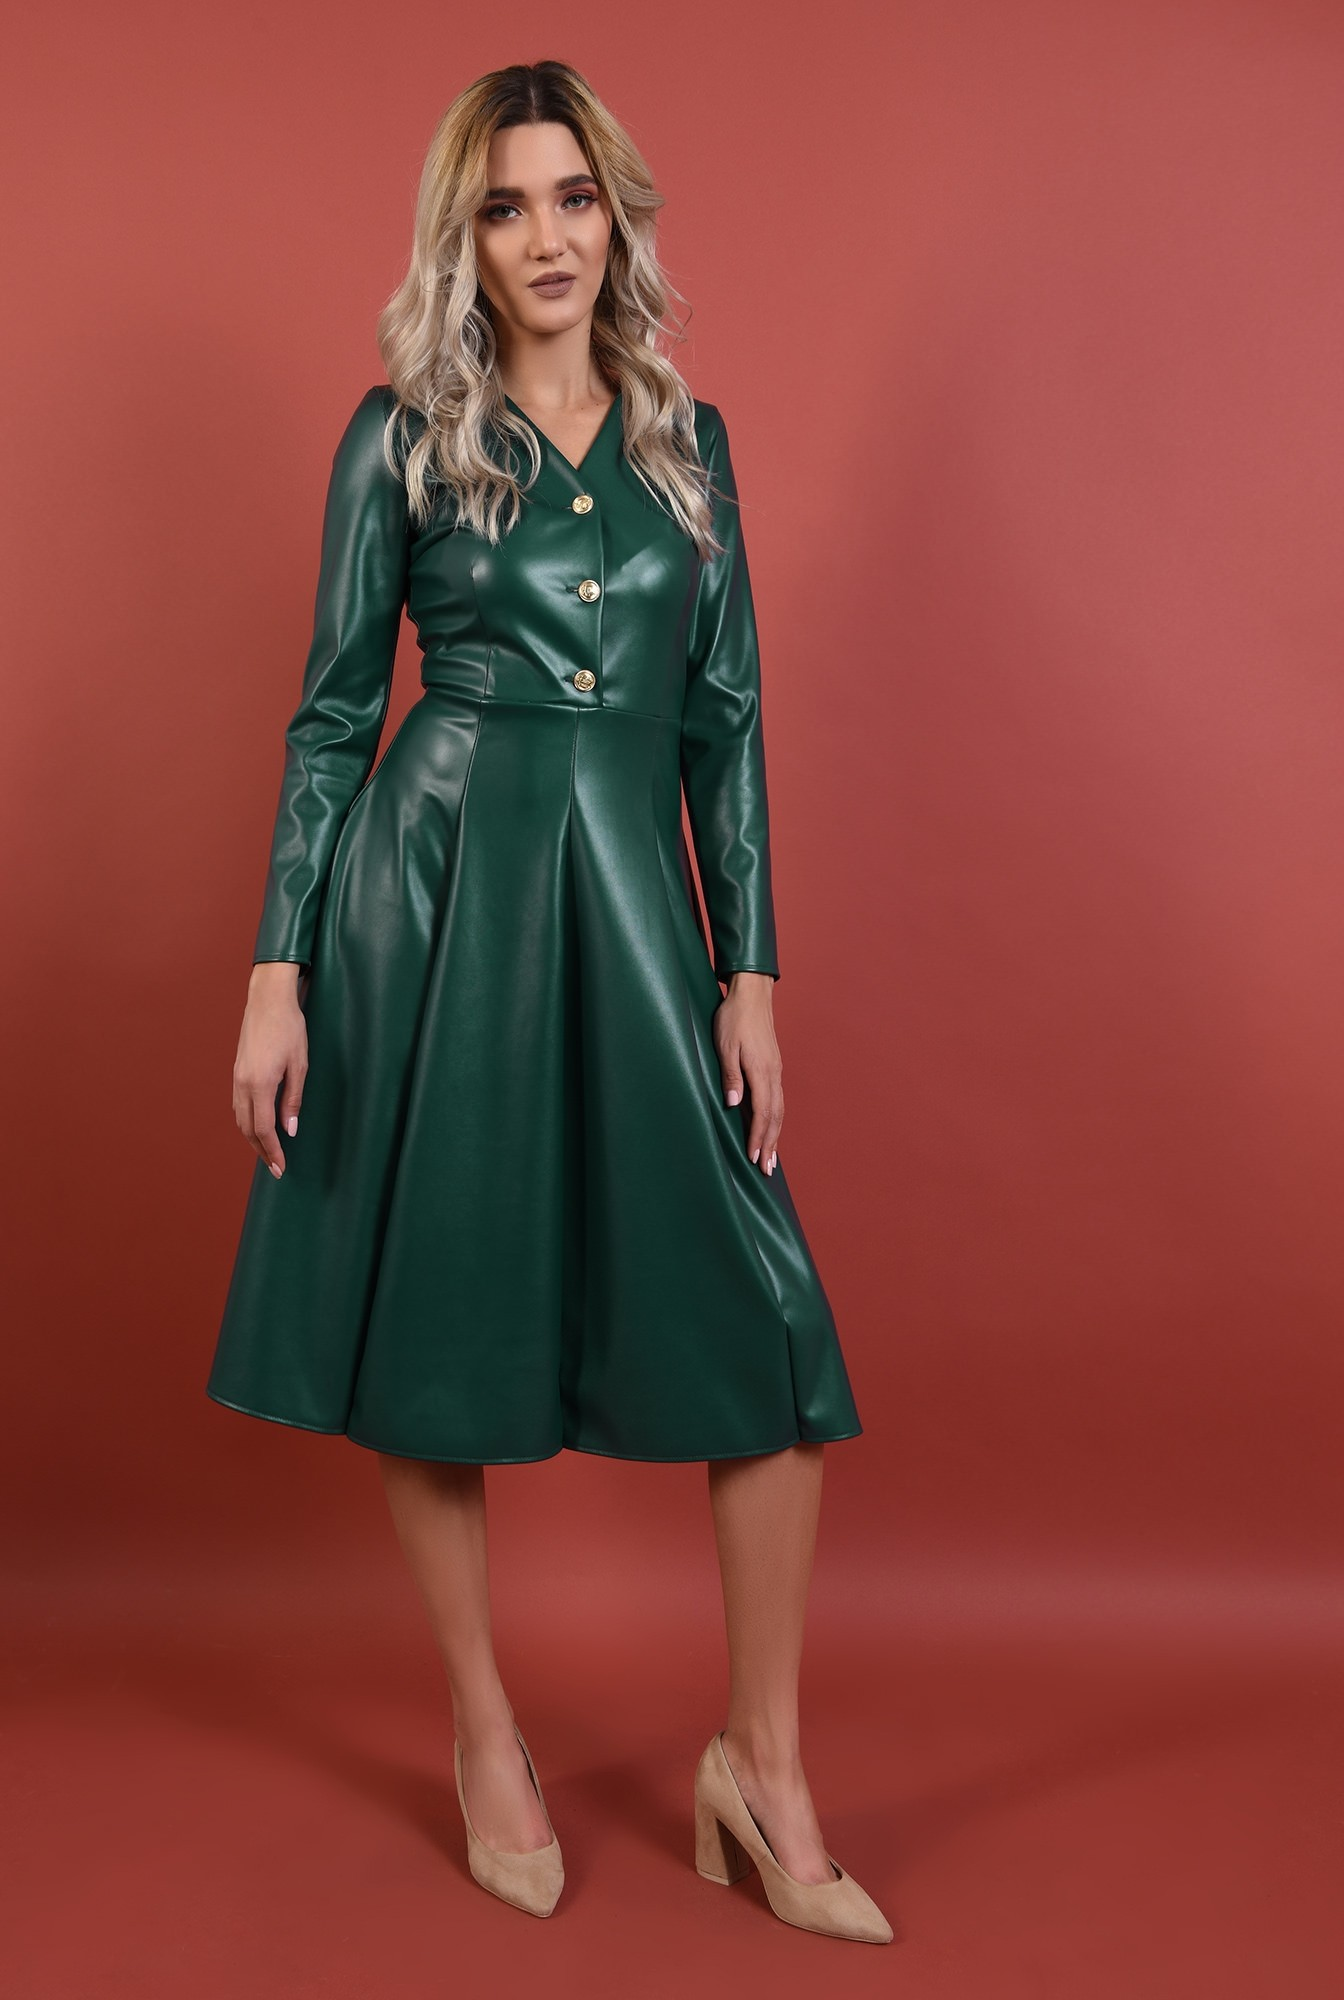 3 - rochie verde, piele, nasturi auii, decolteu anchior